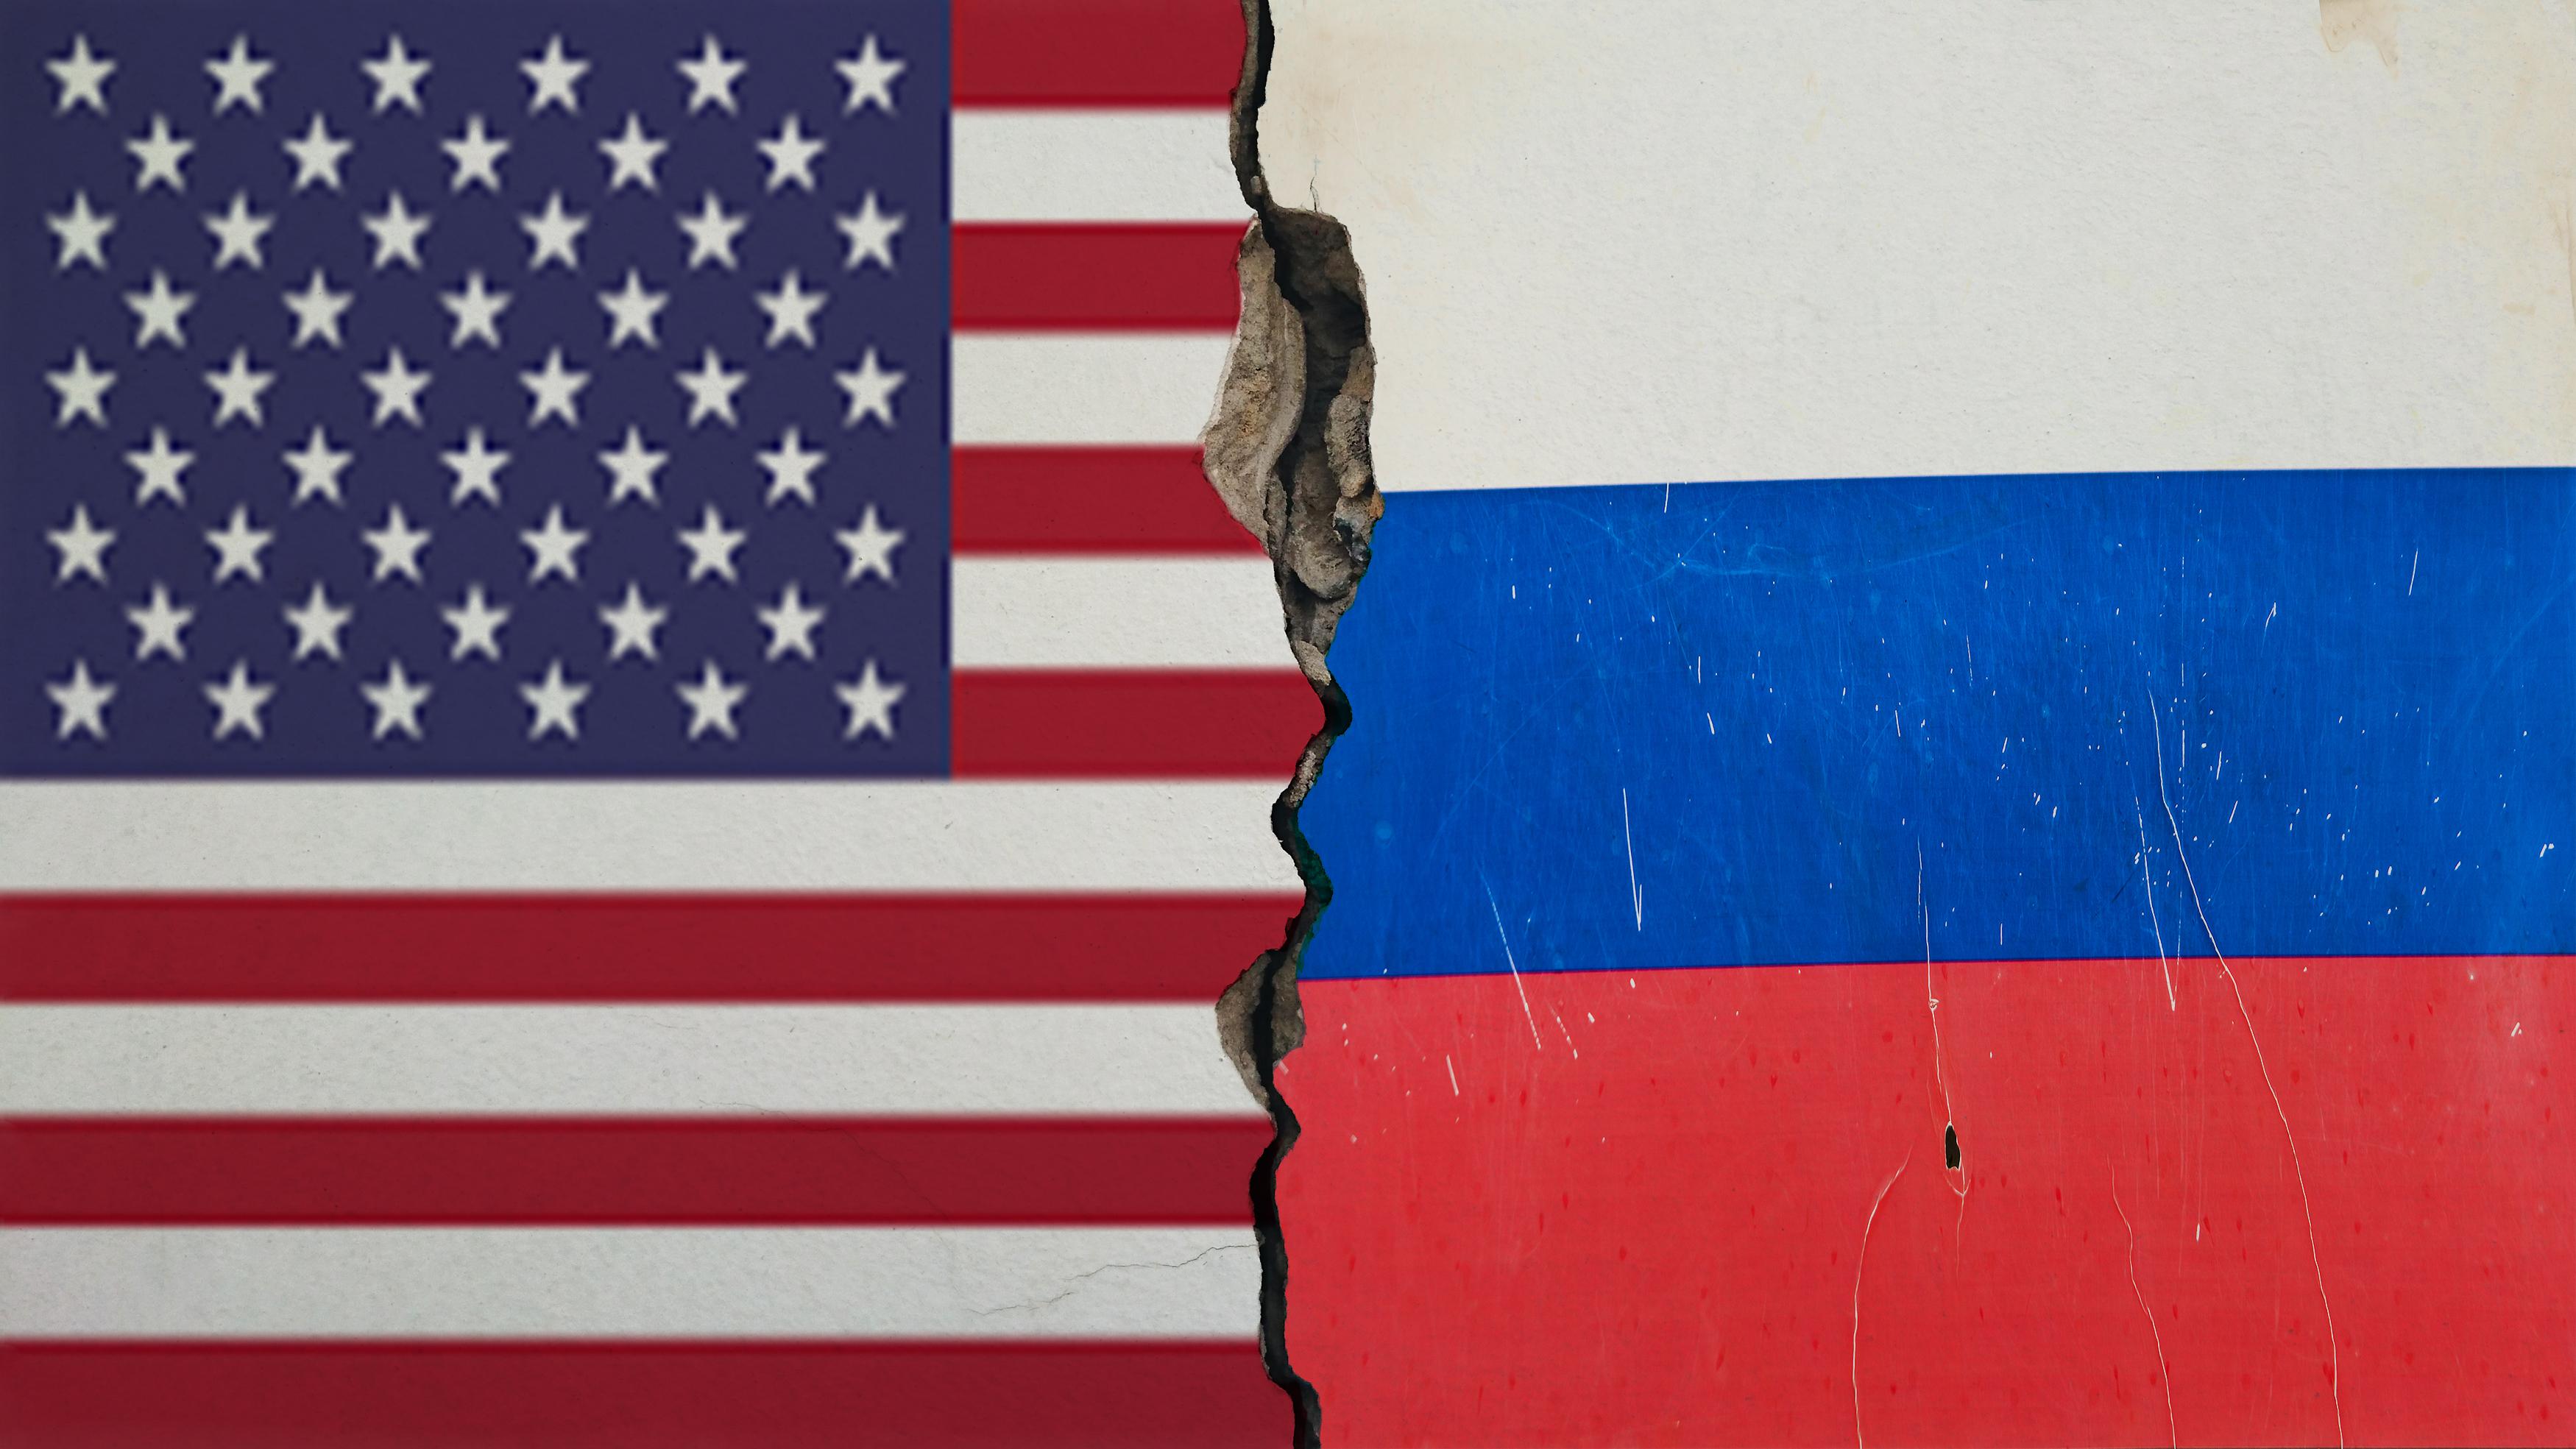 Сергей Наришкин: Да не стигаме до нова Карибска криза